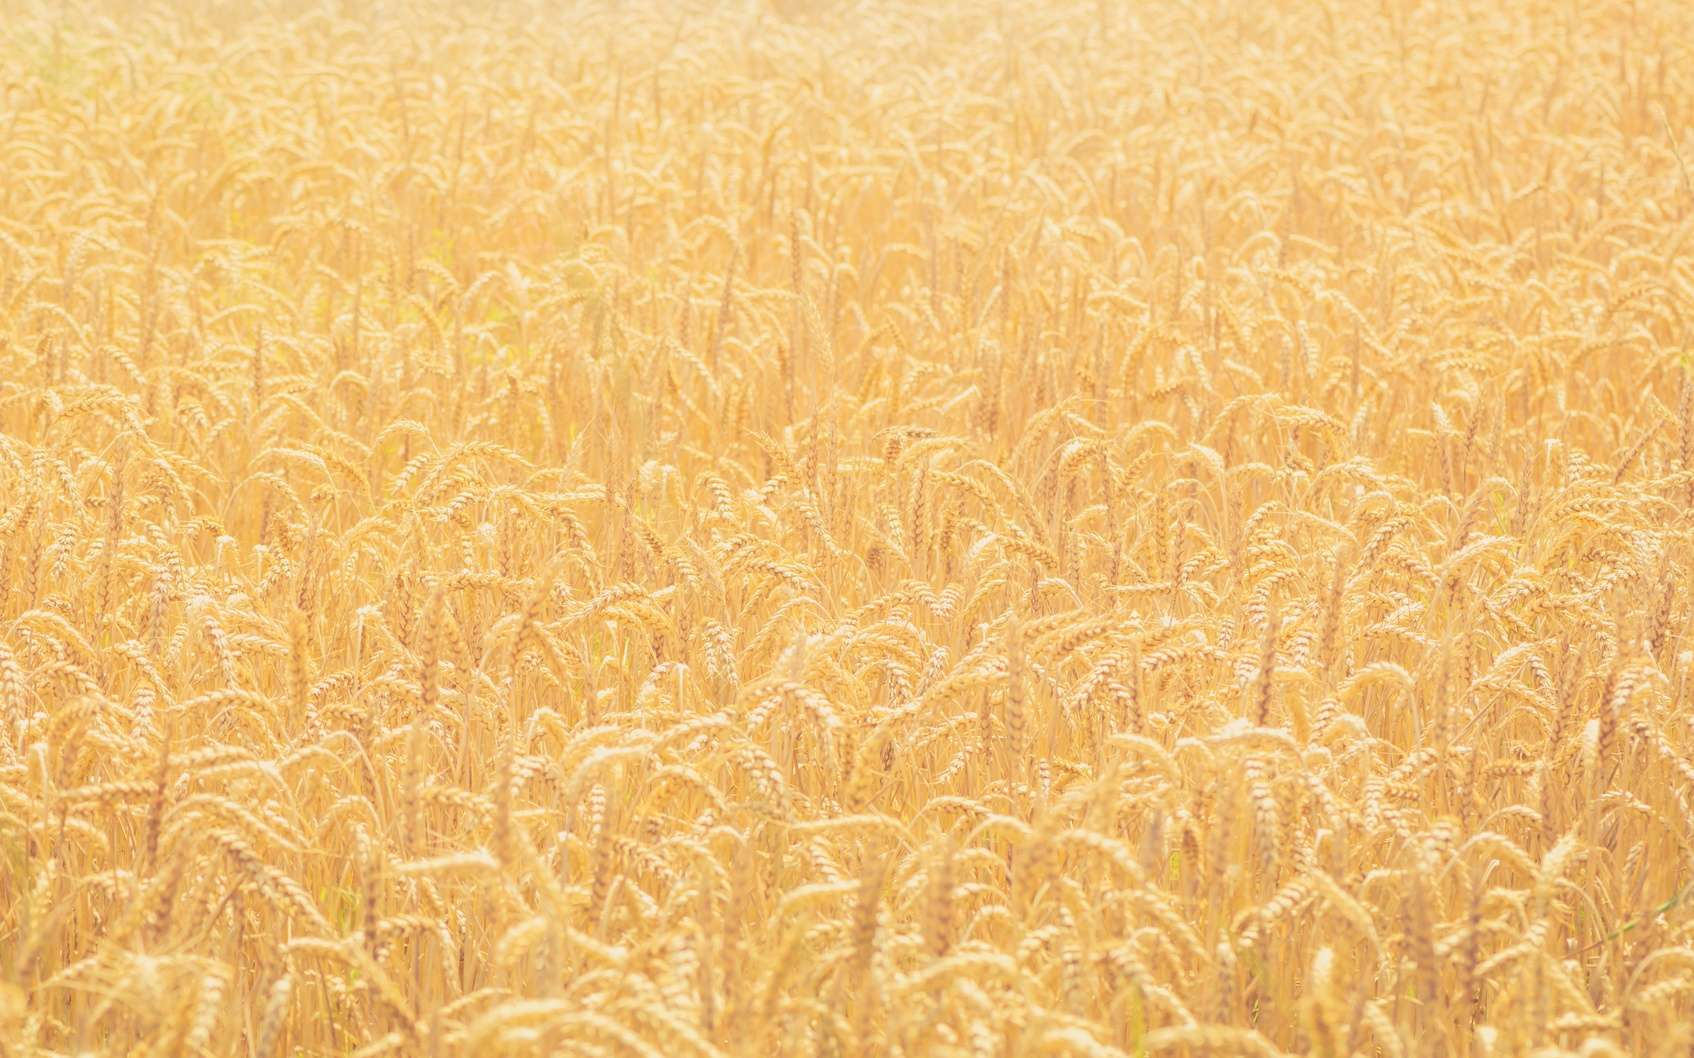 Le blé est la première culture céréalière en France. © patila, Fotolia